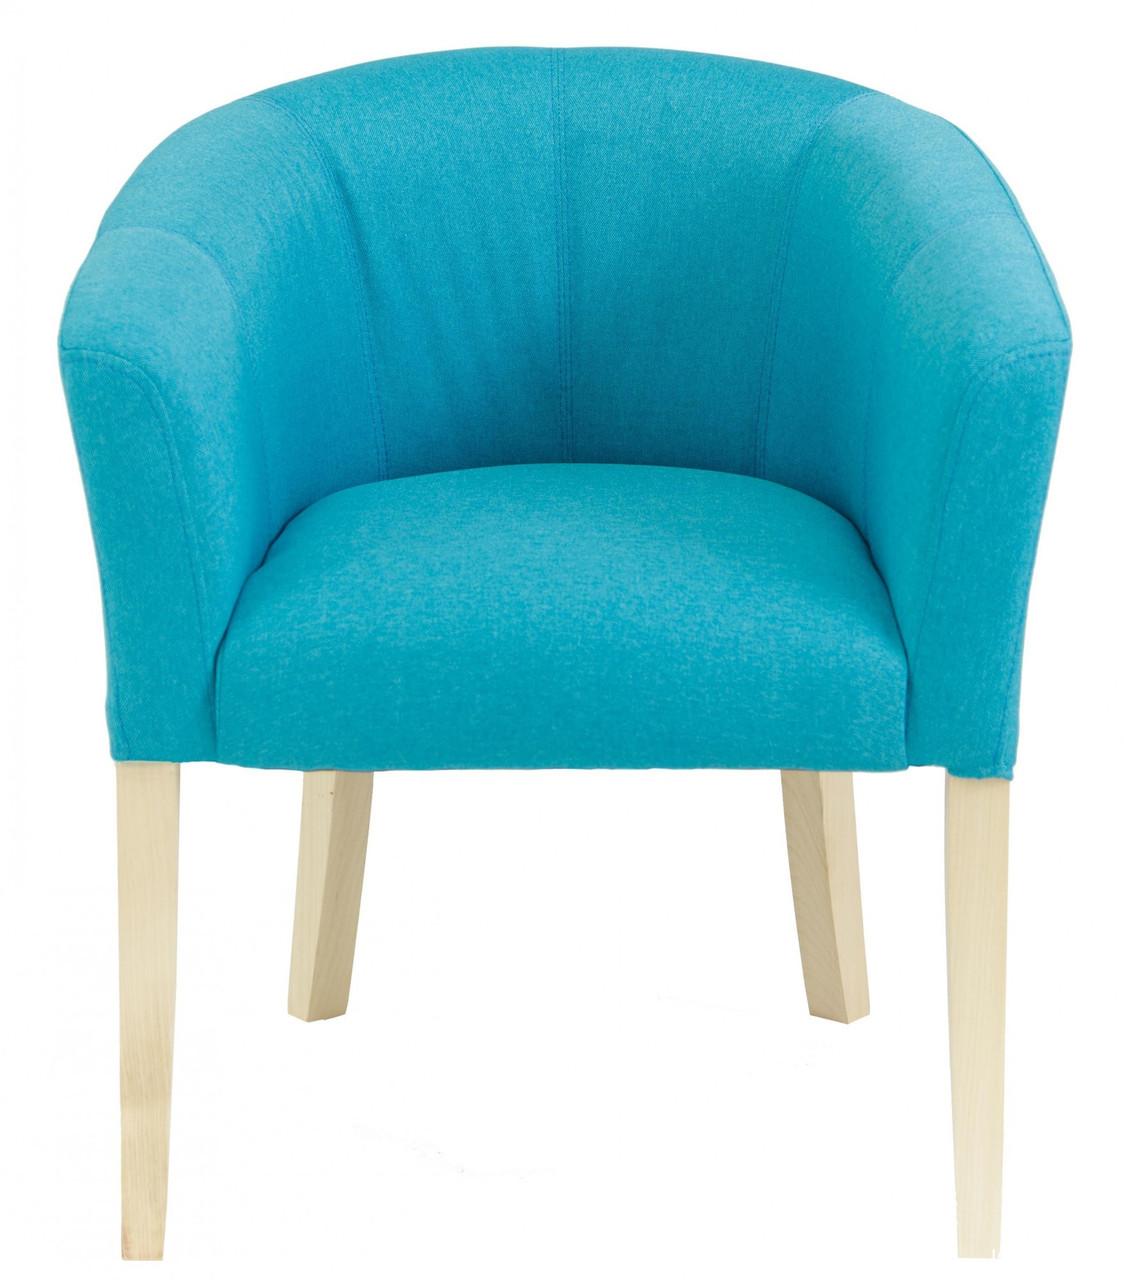 Кресло Richman Версаль 65 x 65 x 75H Нео Голубой